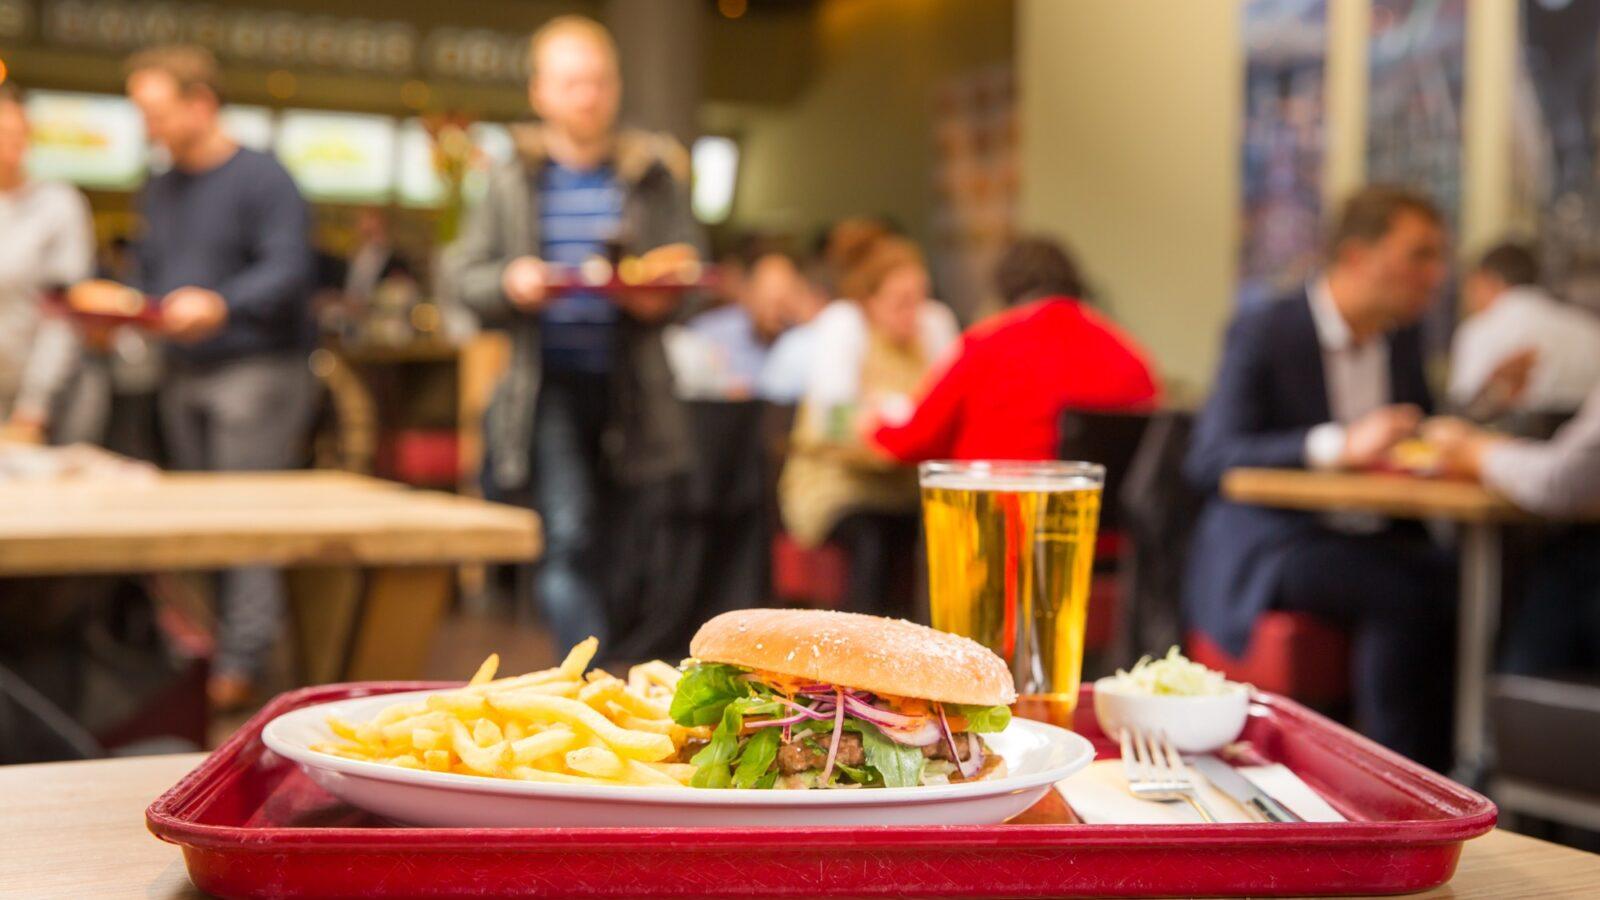 OXMOX Top 10: Best Burger in Town